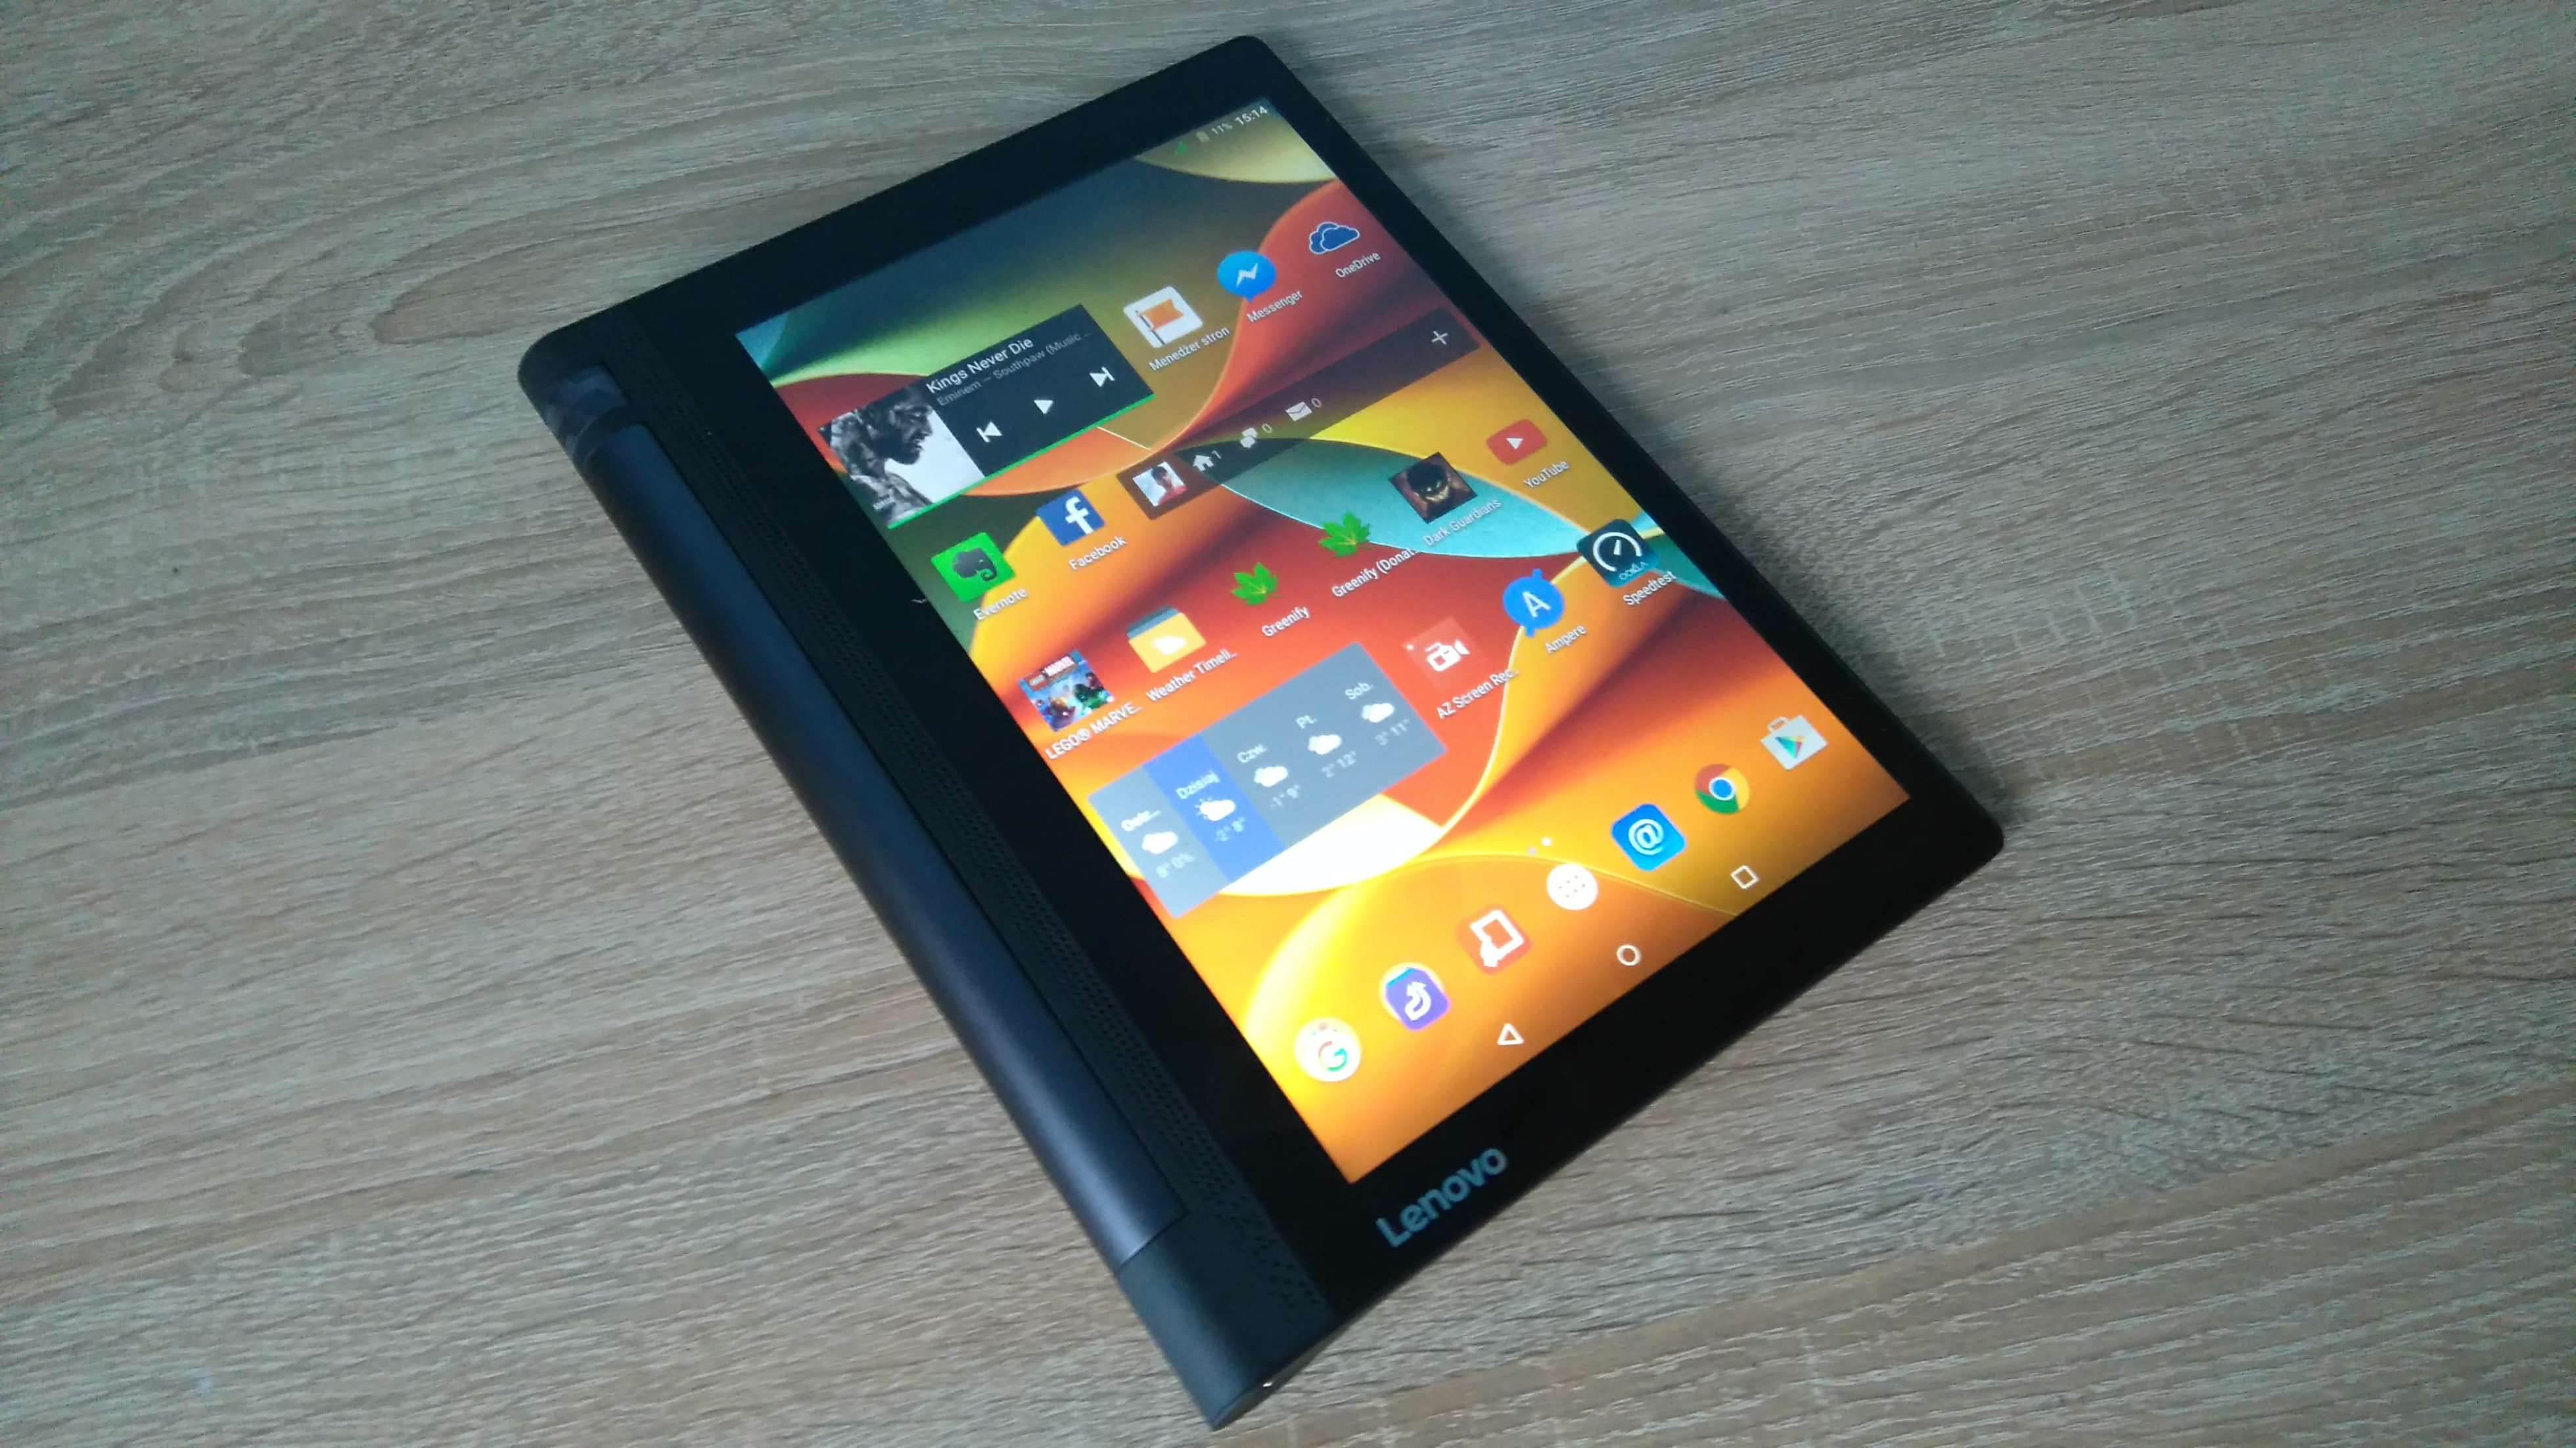 Lenovo Yoga Tab 3 LTE - recenzja urządzenia recenzje, polecane zalety, yoga tab 3, wady, Tablet, polska recenzja Lenovo Yoga Tab 3 LTE, polska recenzja, Lenovo Yoga Tab 3 LTE, lenovo, jak działa Lenovo Yoga Tab 3 LTE, czy warto kupić Lenovo Yoga Tab 3 LTE, cena Lenovo Yoga Tab 3 LTE  Nie ma się co oszukiwać, większość obecnie dostępnych tabletów wygląda niemal tak samo i różnią je od siebie drobne szczegóły wprowadzane do wzornictwa z generacji na generację, ale jednym z odmiennych modeli jest bez wątpienia seria tabletów Yoga, wprowadzona na rynek mobilny przez Lenovo. Czy przednie głośniki stereo i fabrycznie zamontowany stojak wystarczy, aby przykuć uwagę potencjalnego nabywcy? DSC 0021